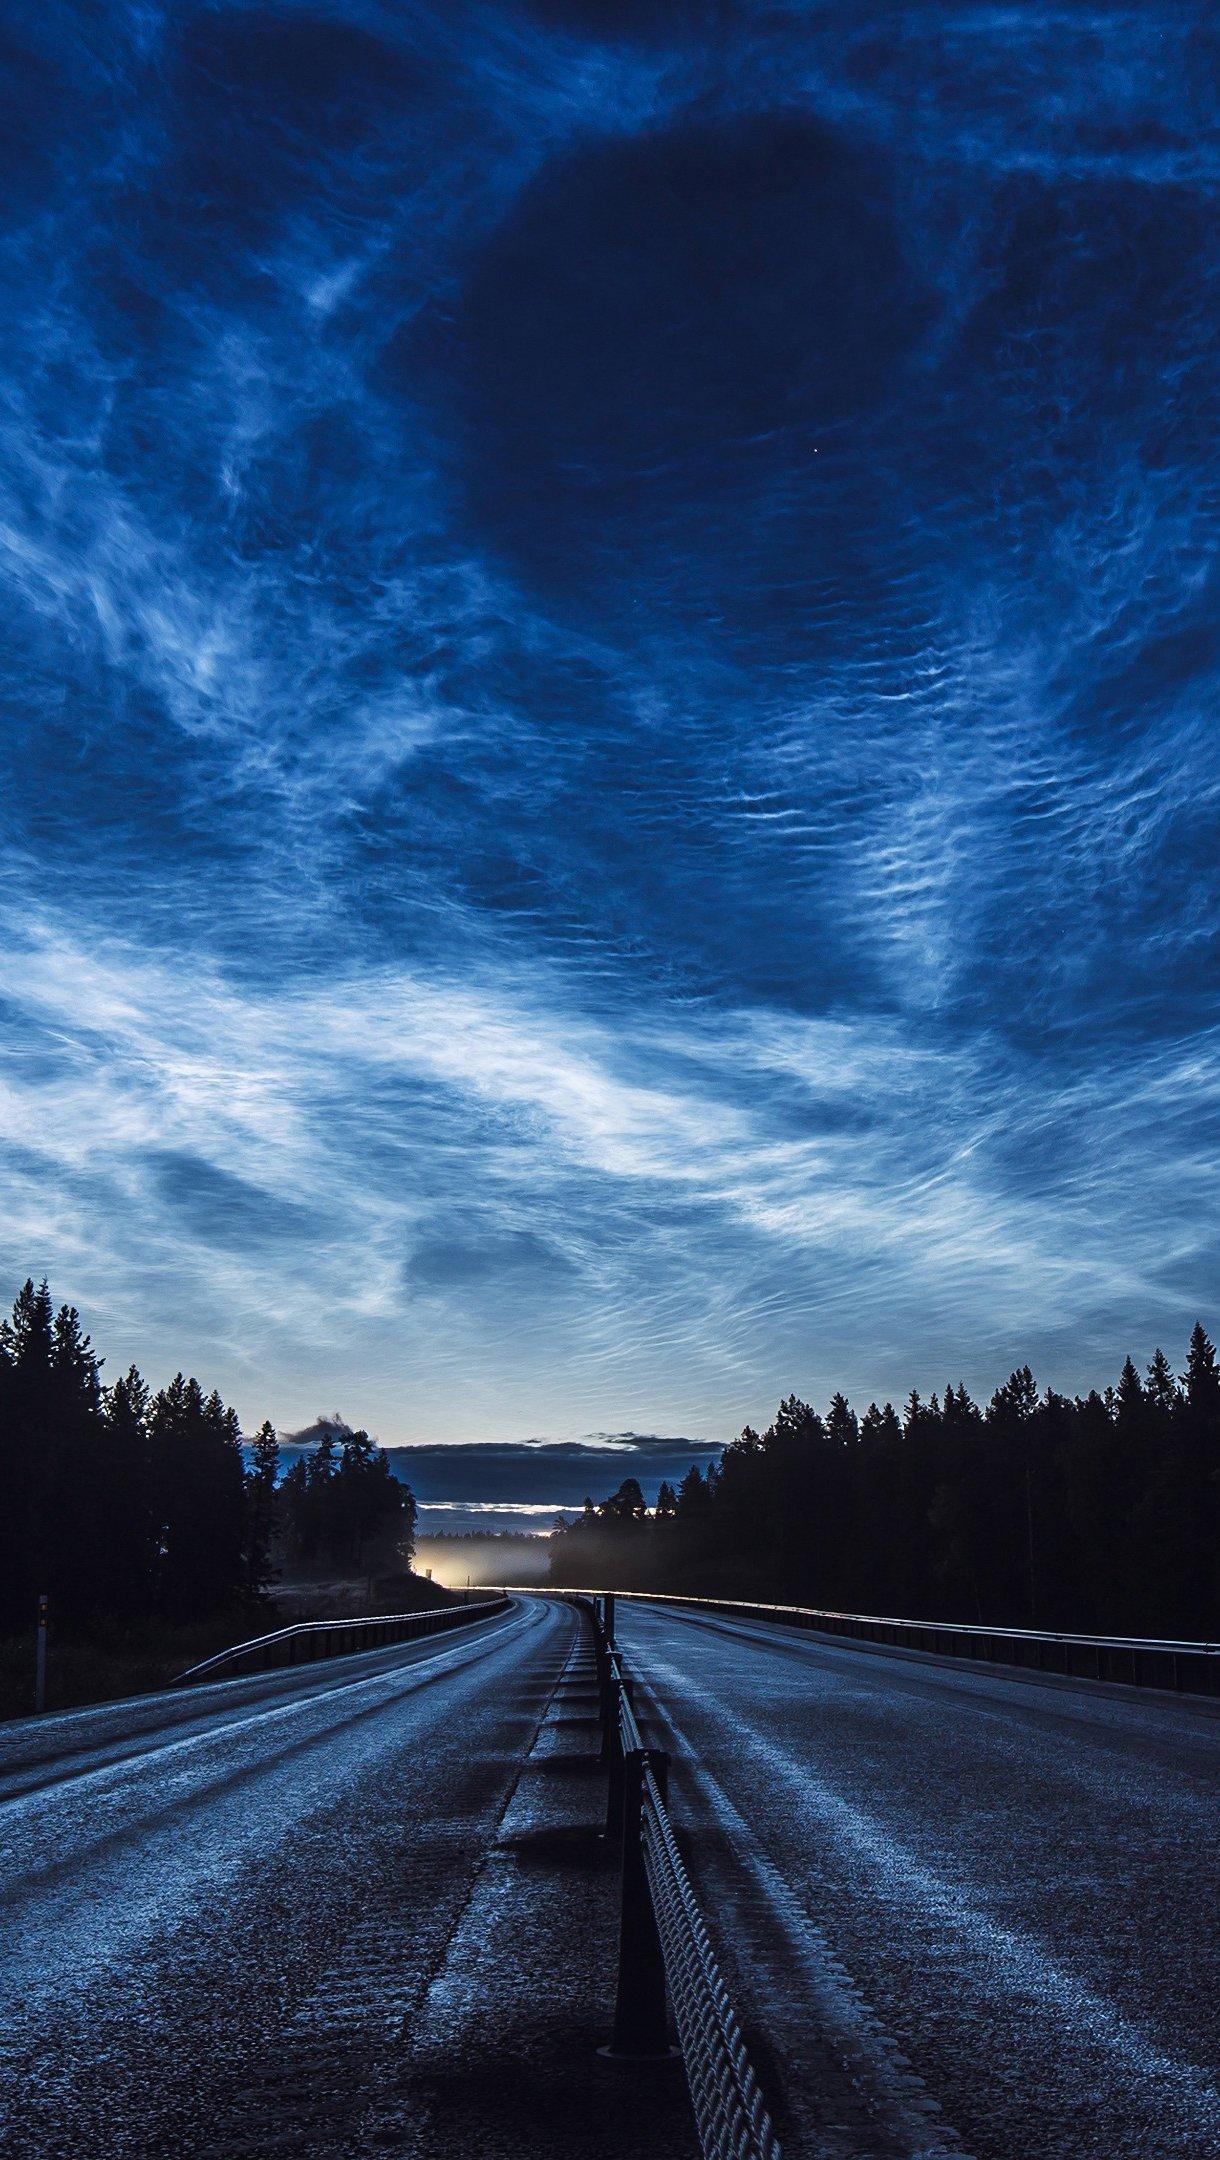 Fondos de pantalla Carretera de anochecer nubes y bosque Vertical